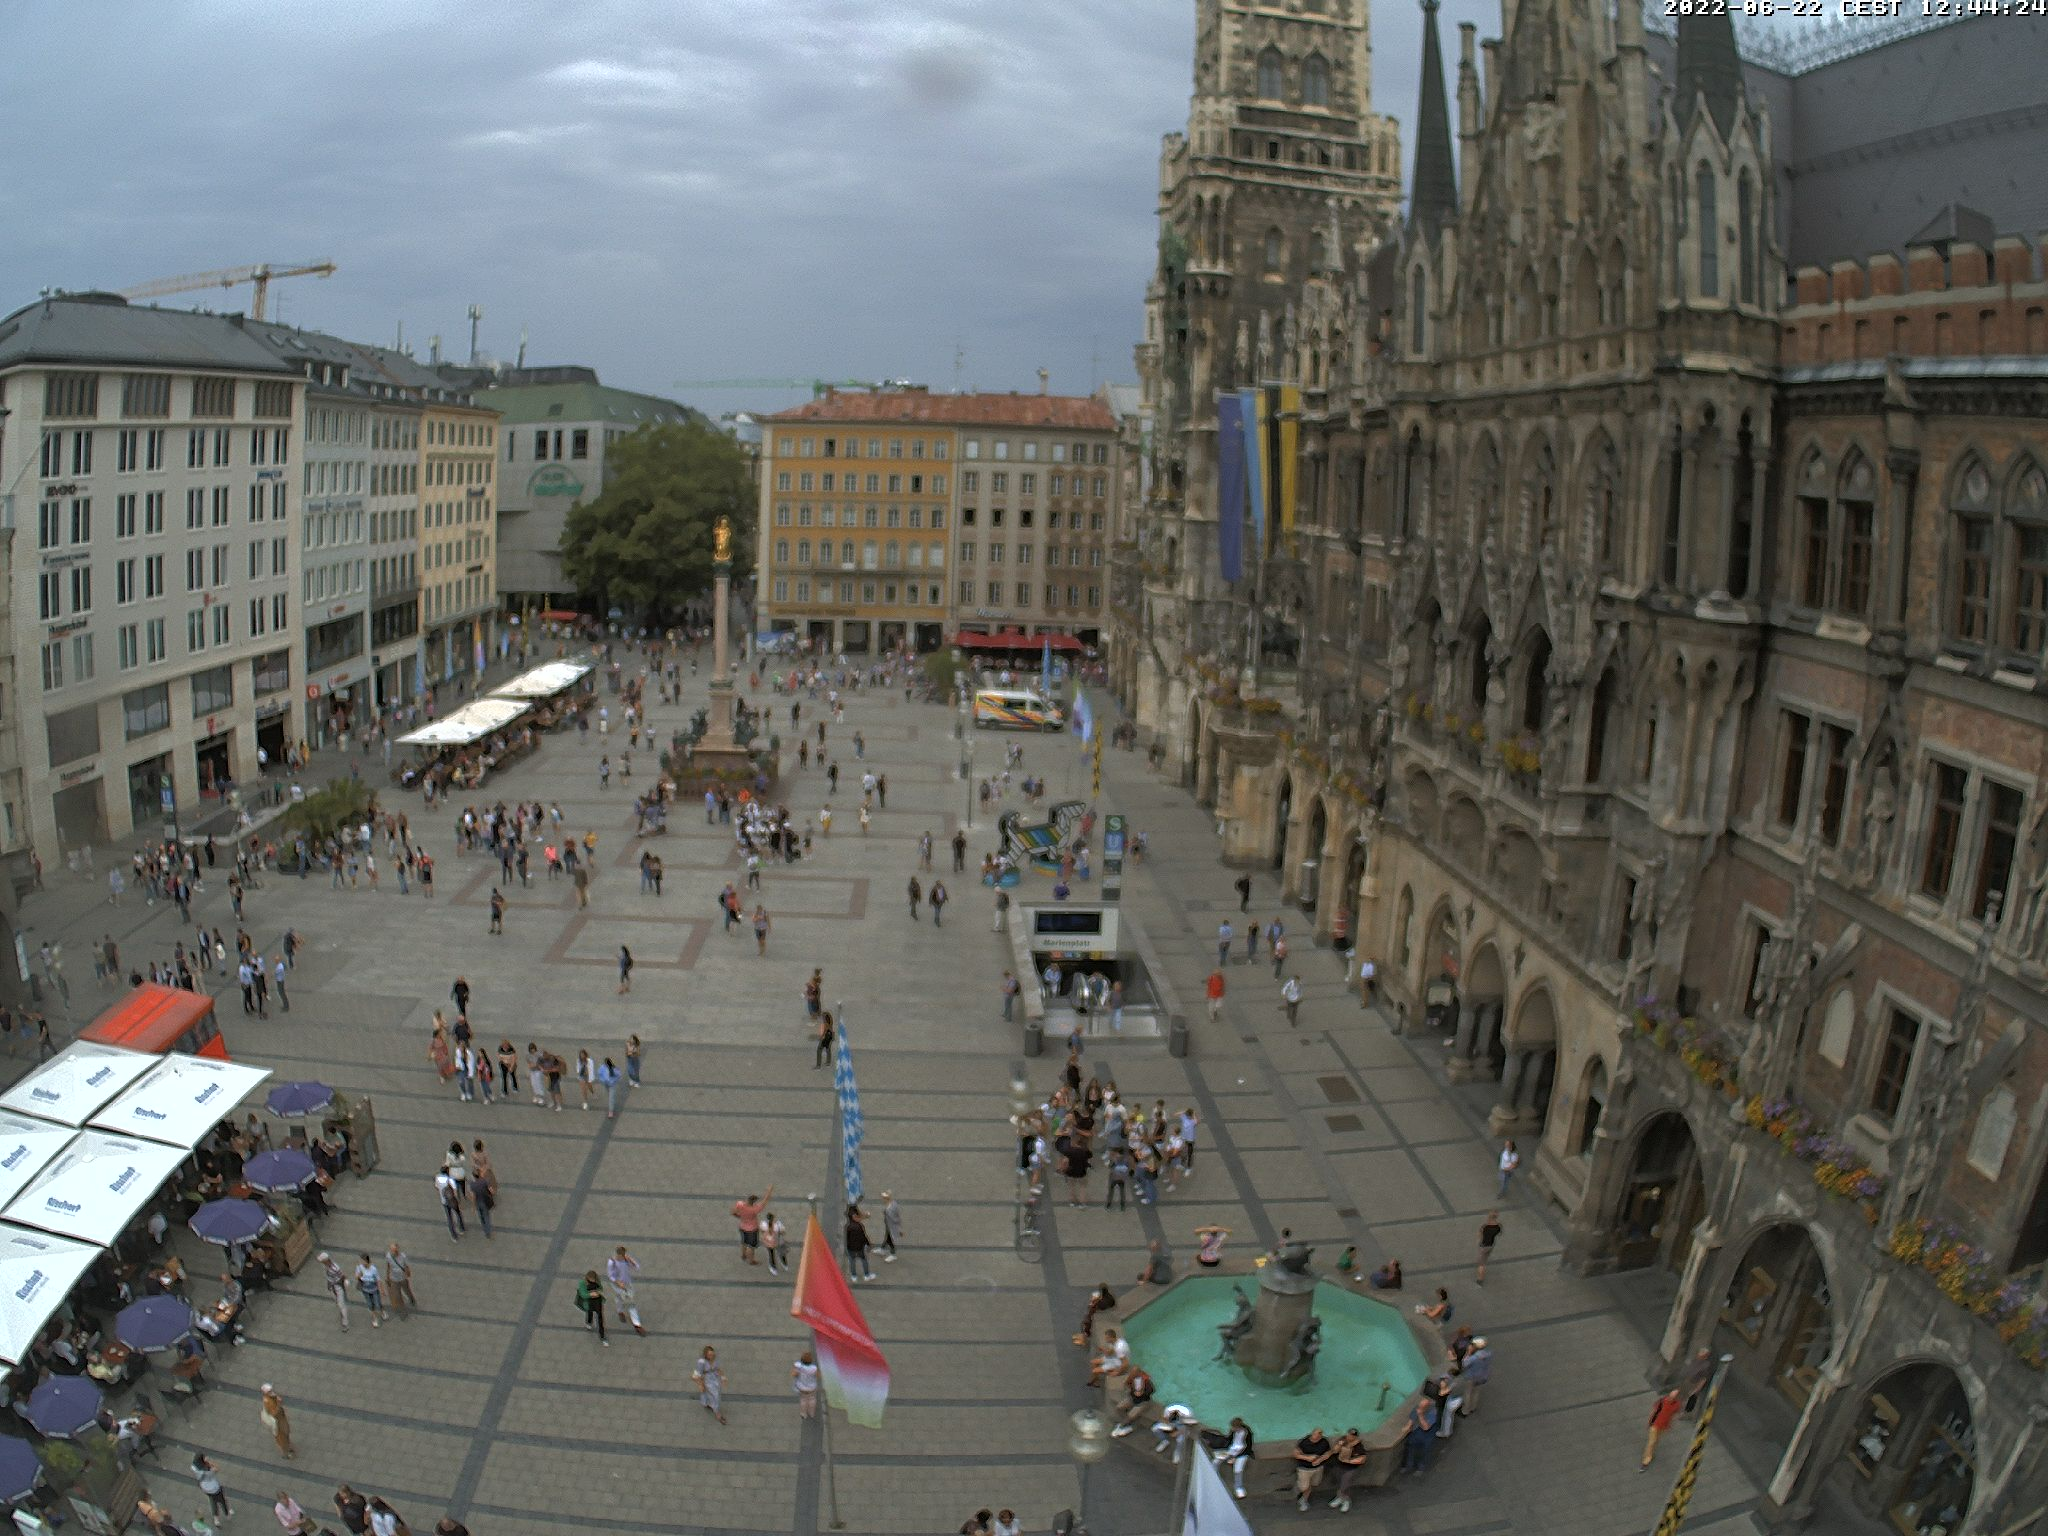 Webcam Marienplatz